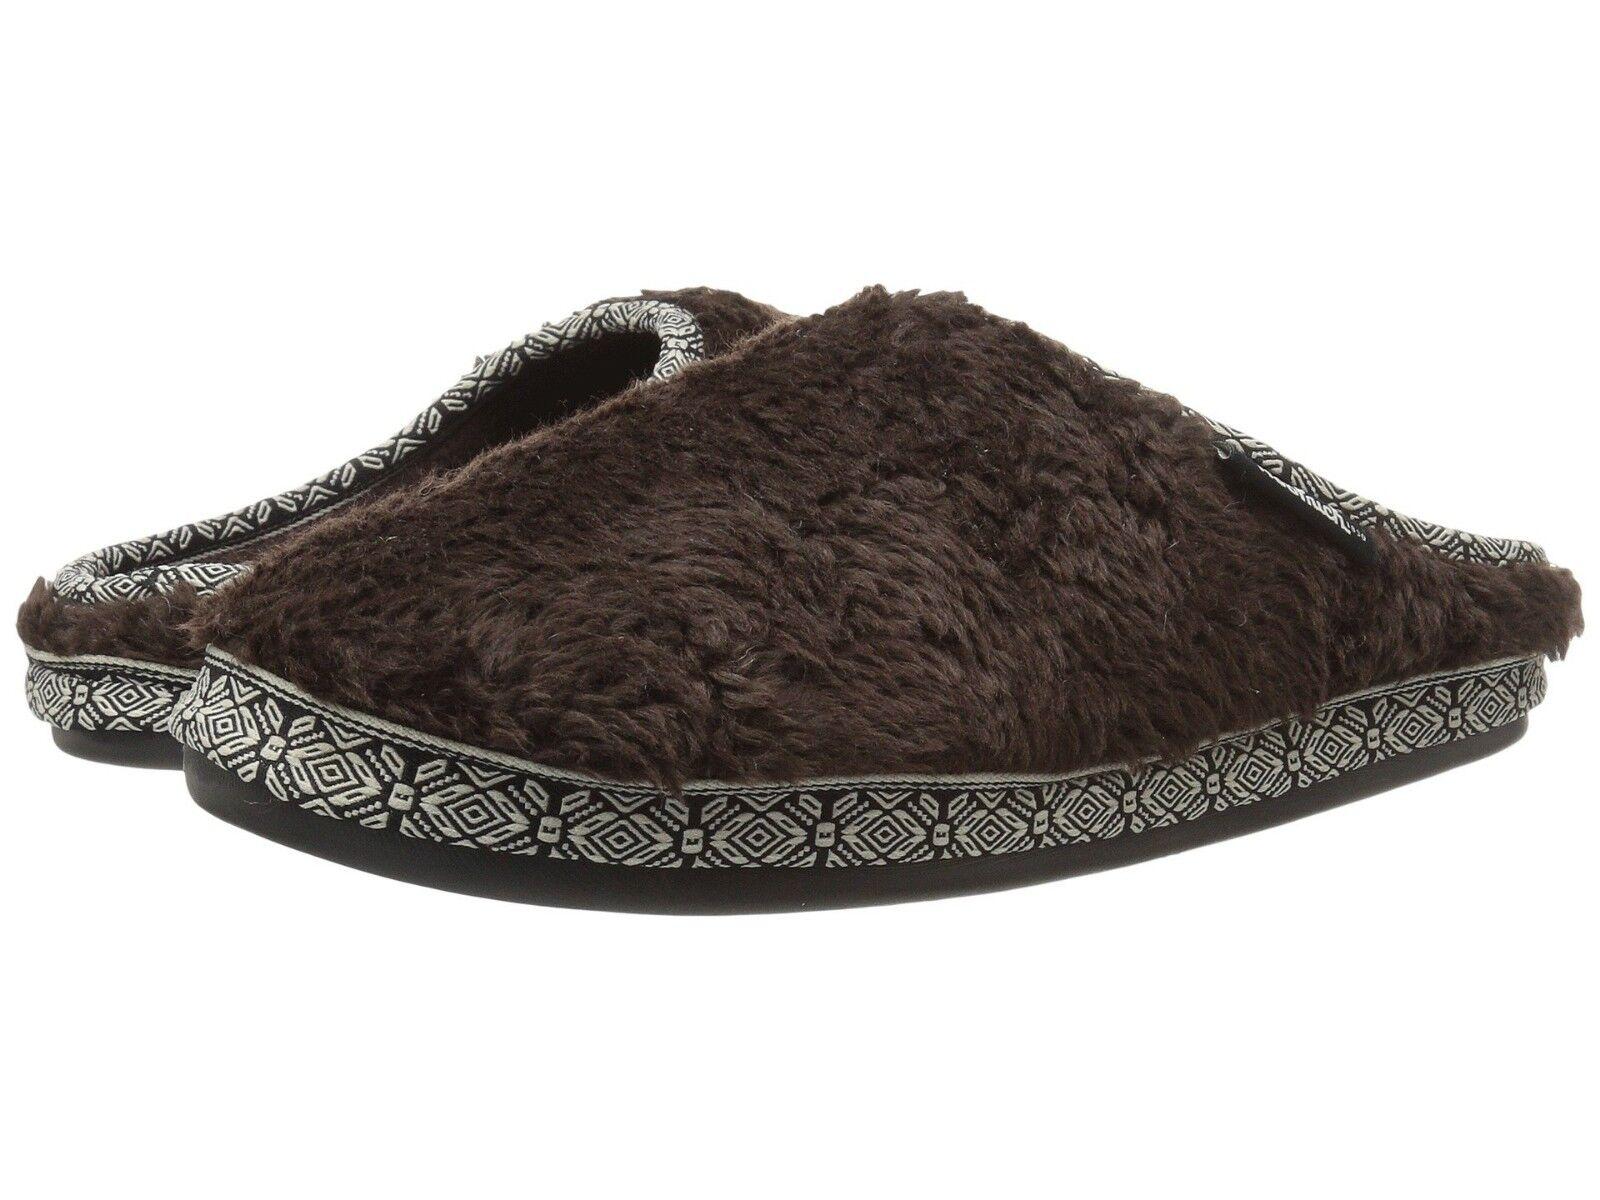 NEW Women's Woolrich Whitecap Mule Slippers WW5710-202 SZ 8 WOMENS